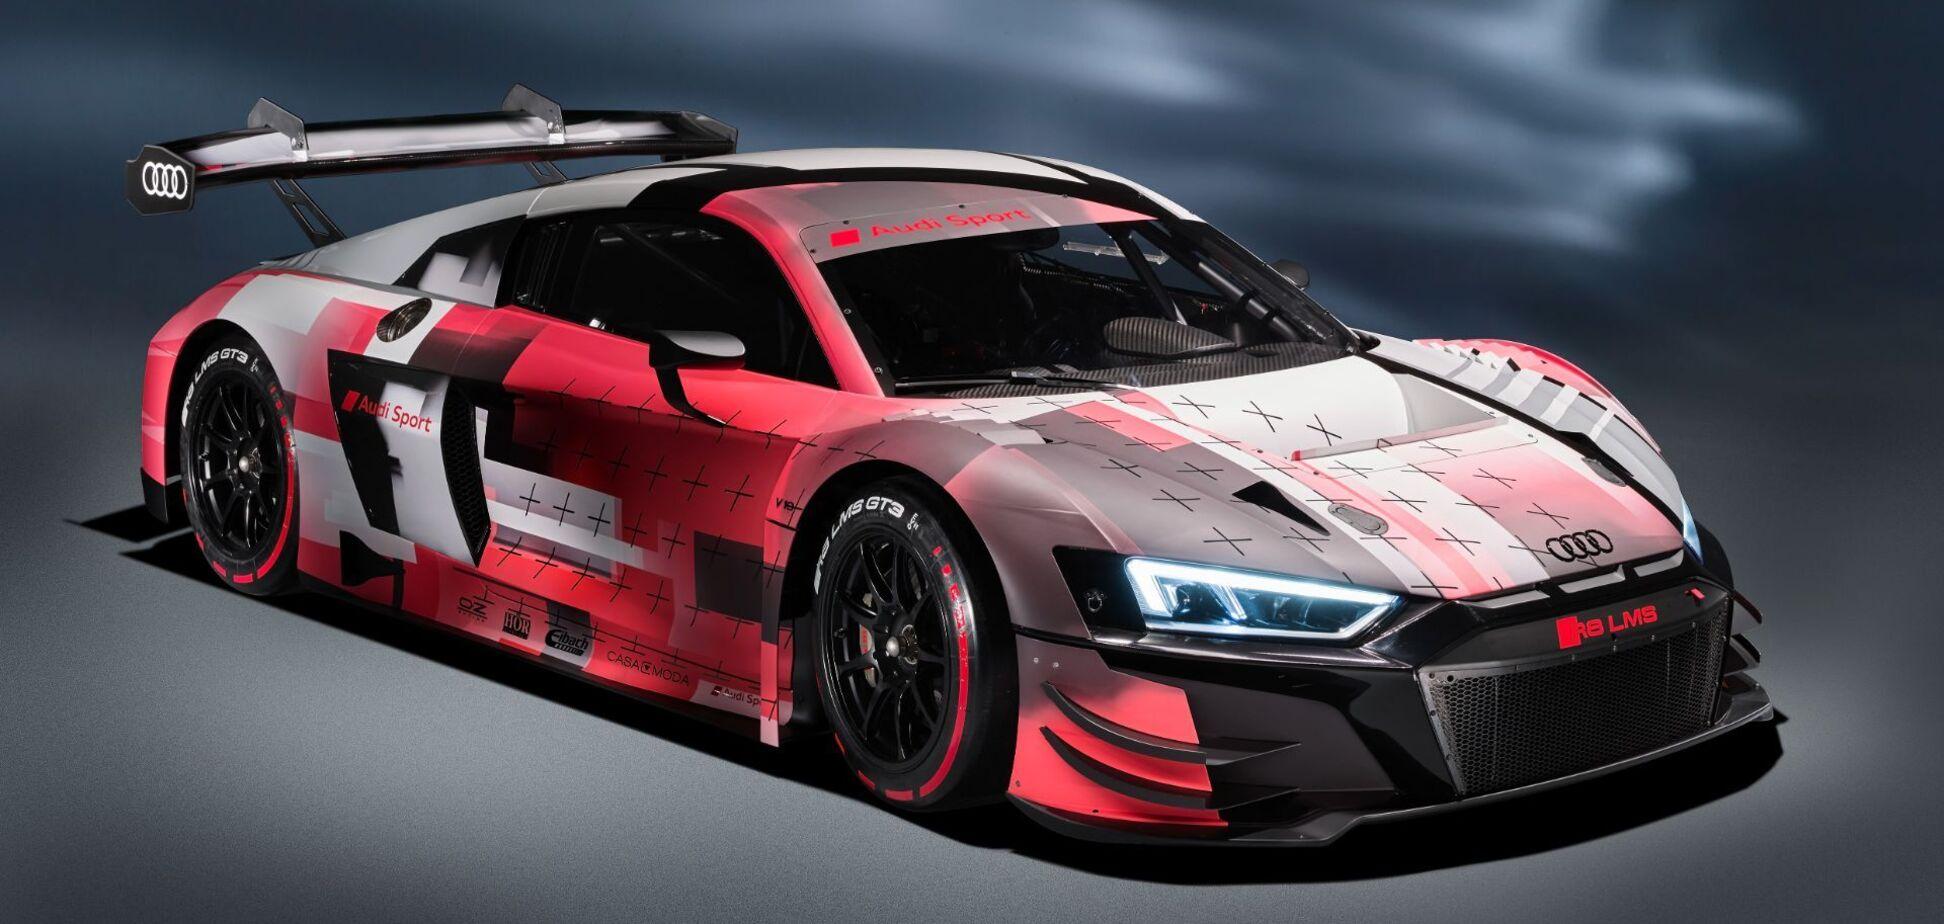 Audi Sport презентувала гоночний болід R8 LMS GT3 Evo II